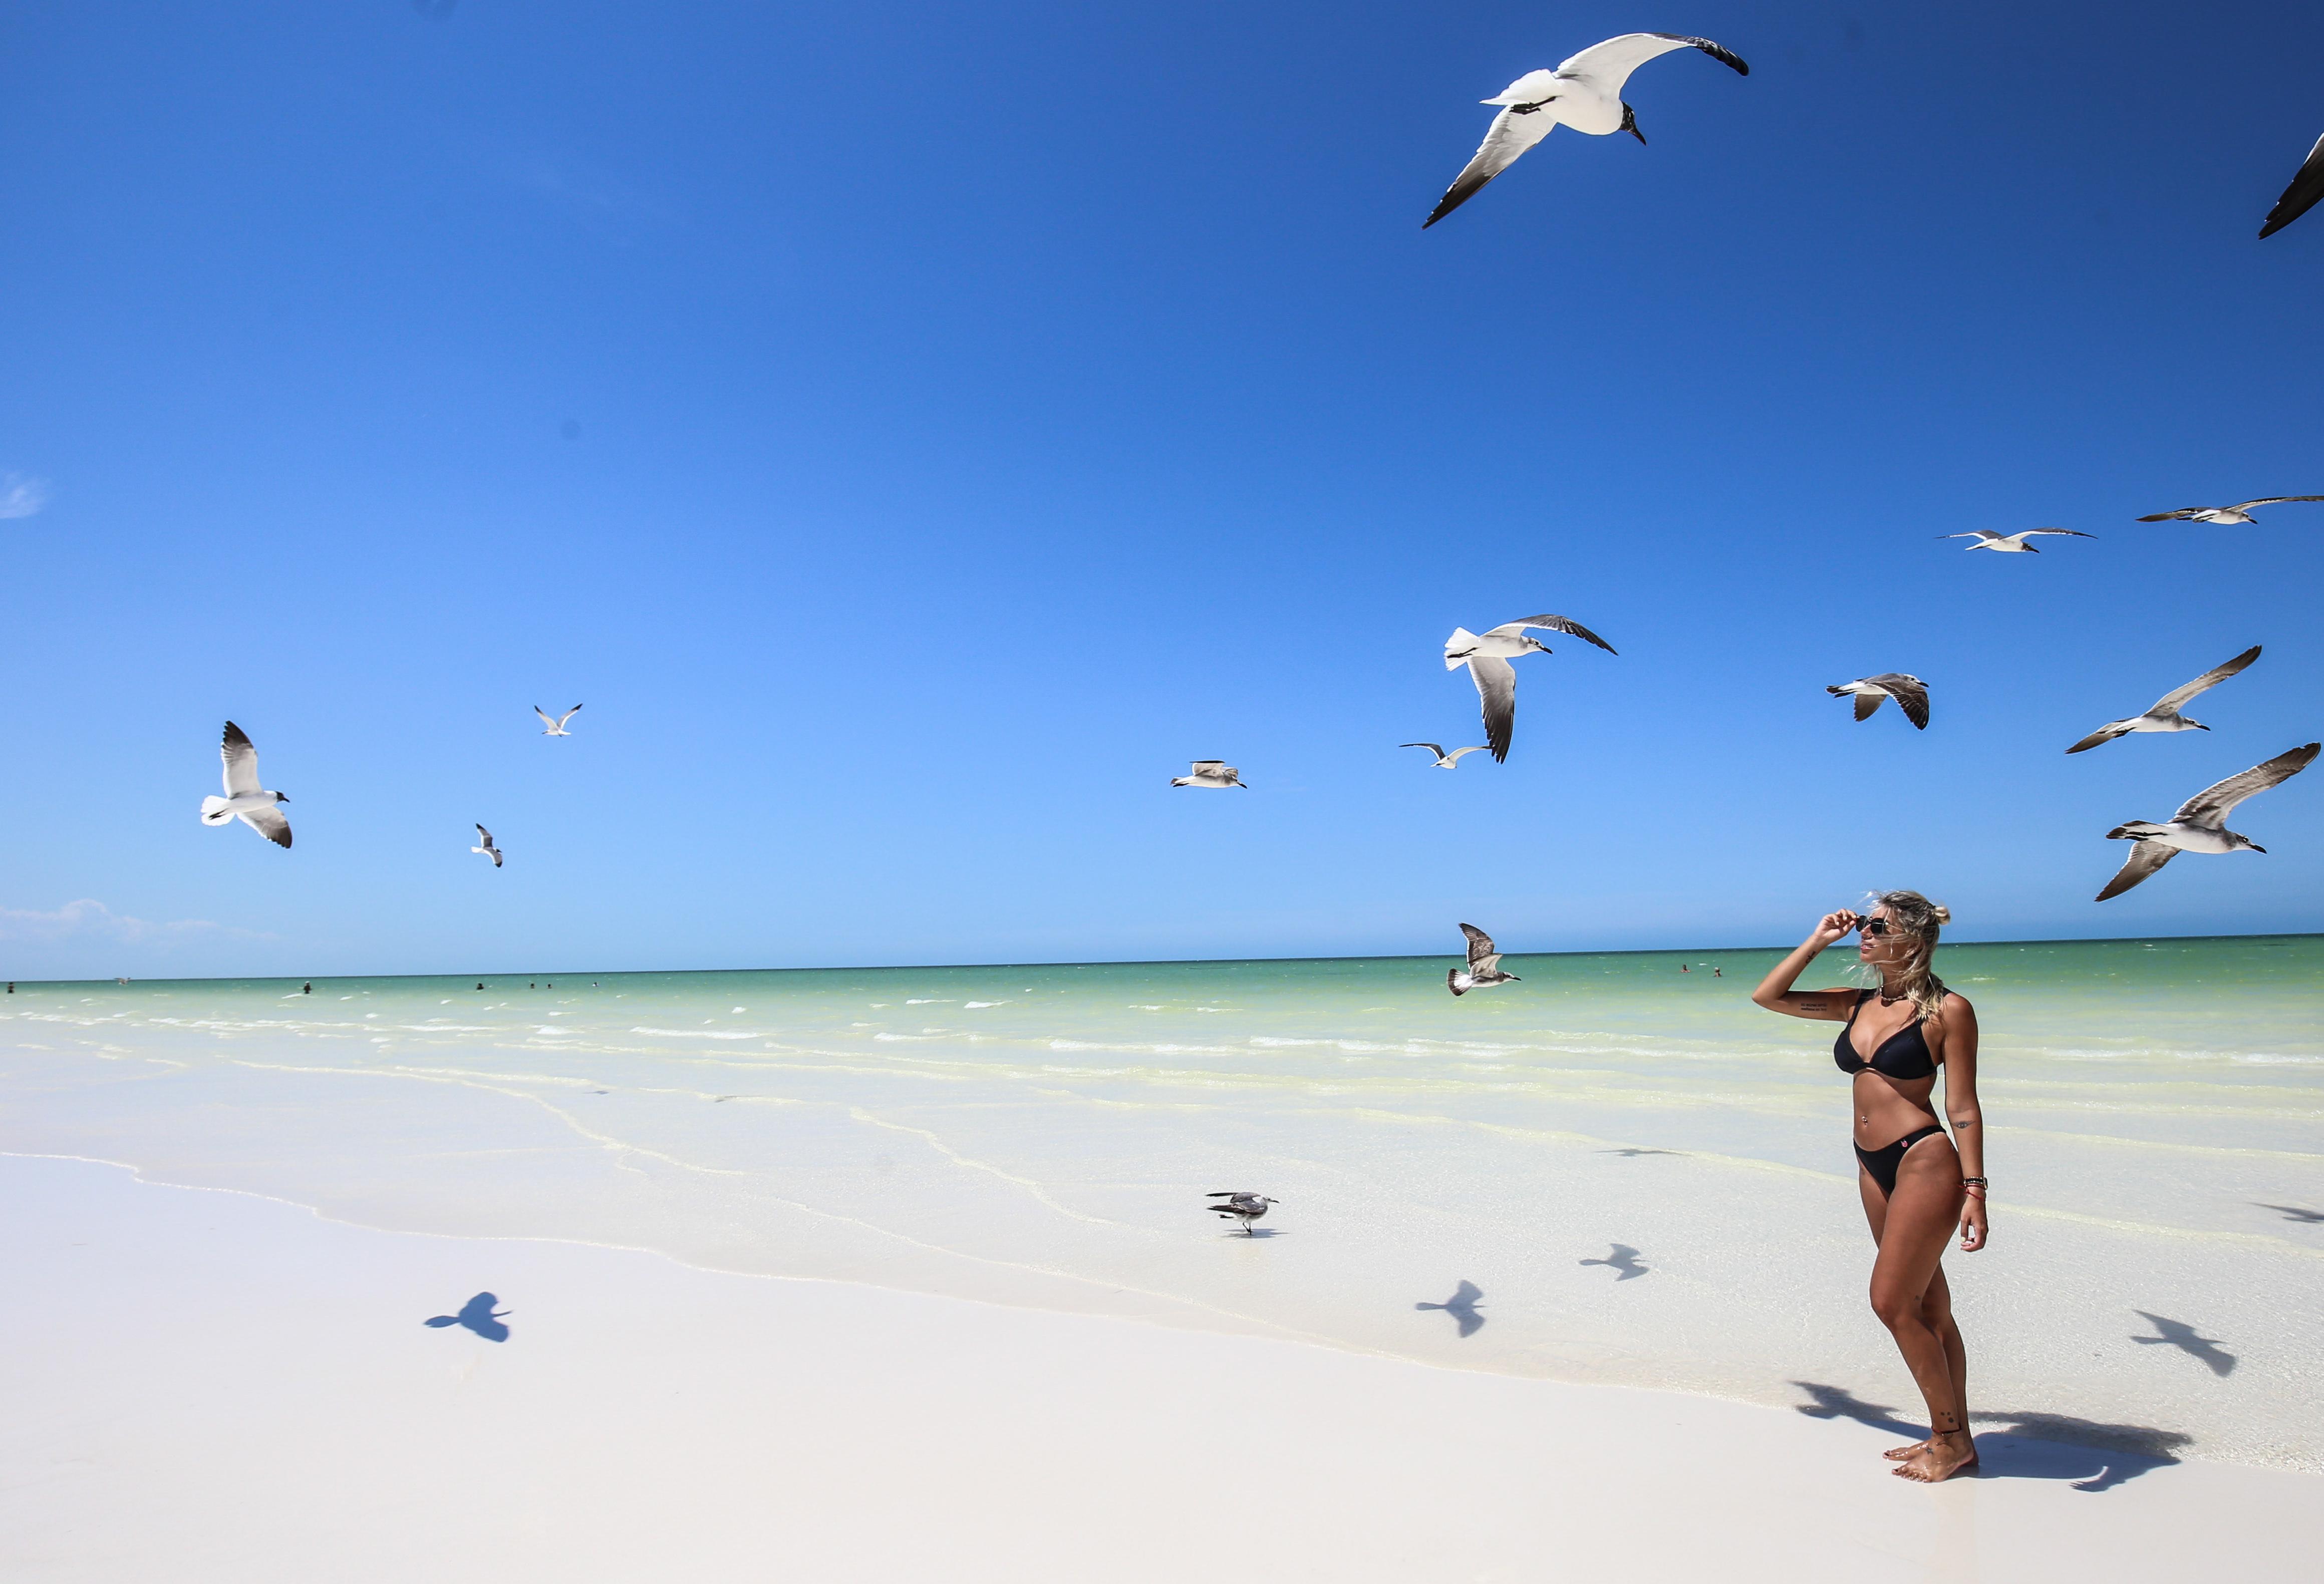 HOLBOX, QUINTANA ROO,- Turistas nacionales y extranjeros disfrutan de las arenas blancas en la isla de Holbox en este fin de semana largo. FOTO: ELIZABETH RUÍZ /CUARTOSCURO